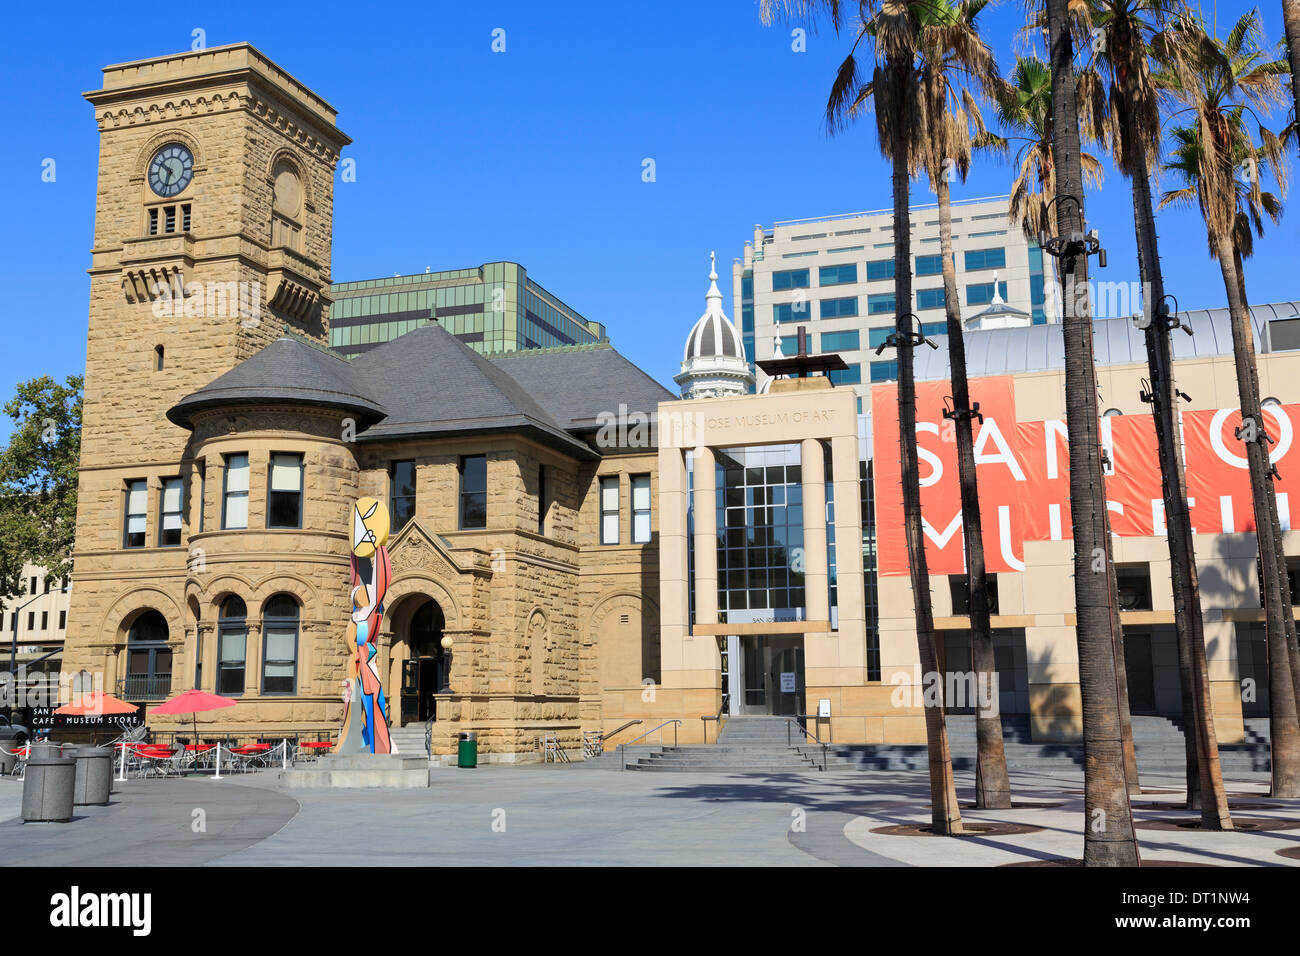 Musée d'Art, San Jose, Californie, États-Unis d'Amérique, Amérique du Nord Photo Stock